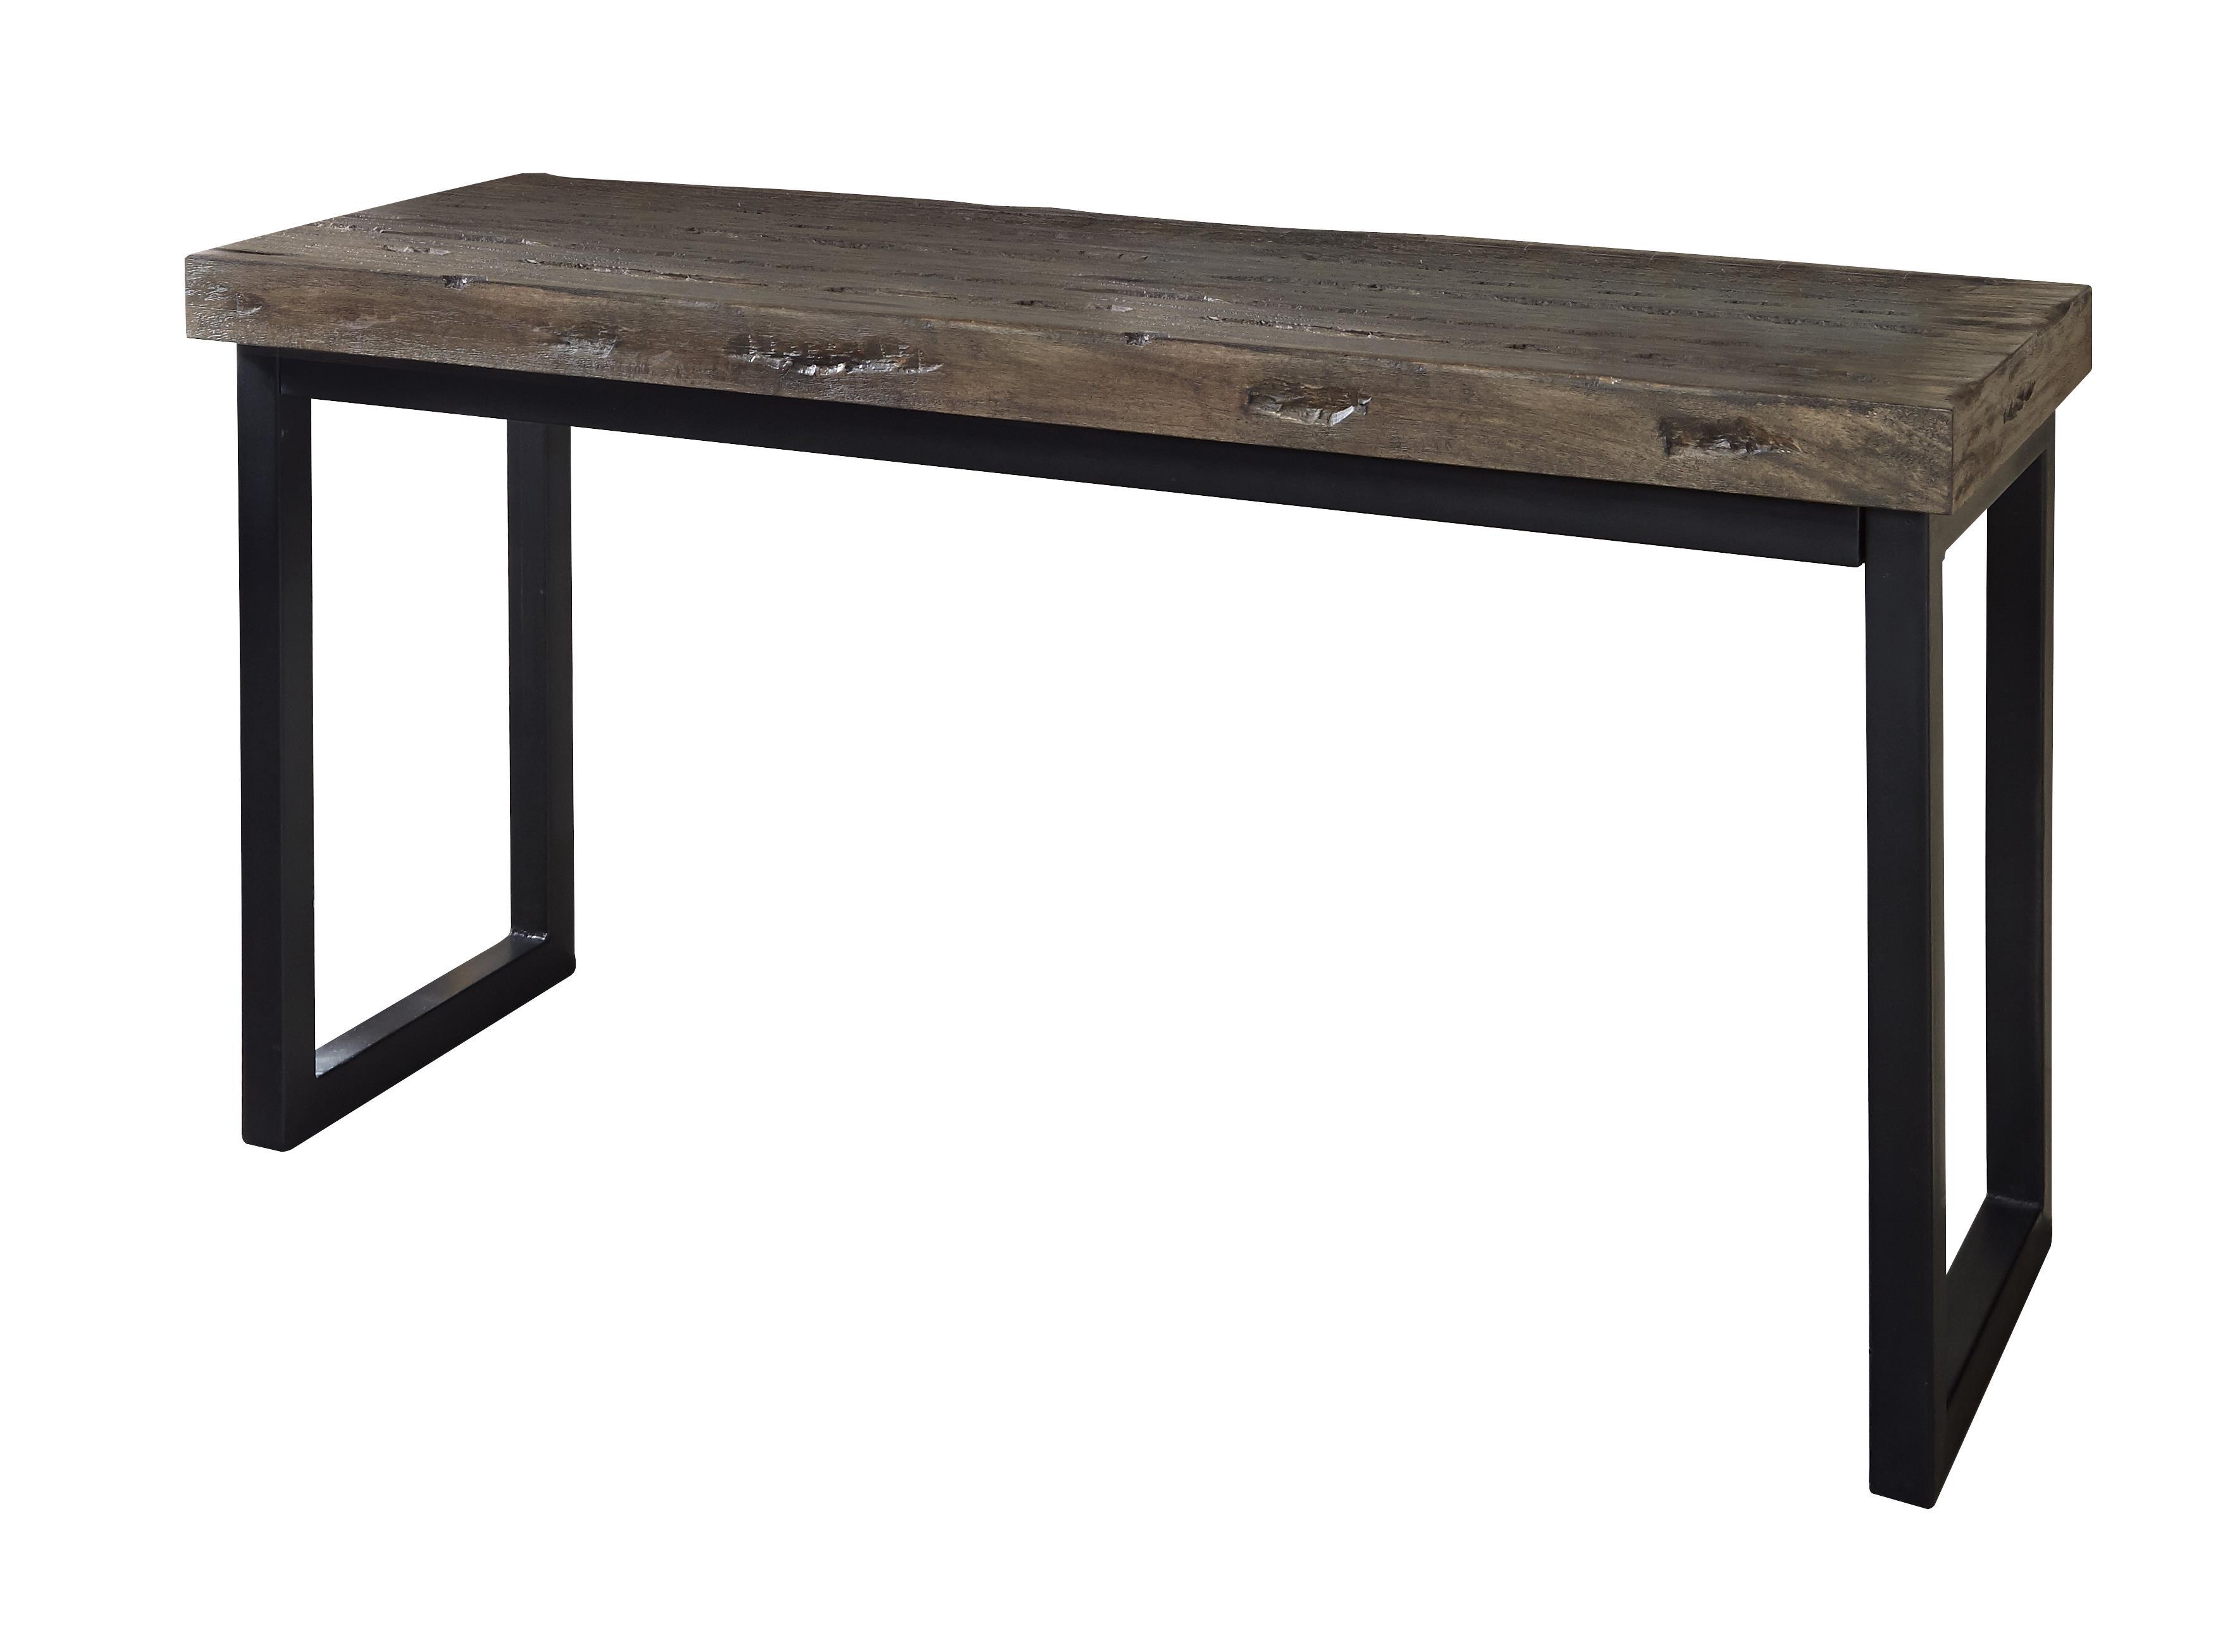 Coast to Coast Imports Jadu Accents Sofa Table - Item Number: 68262